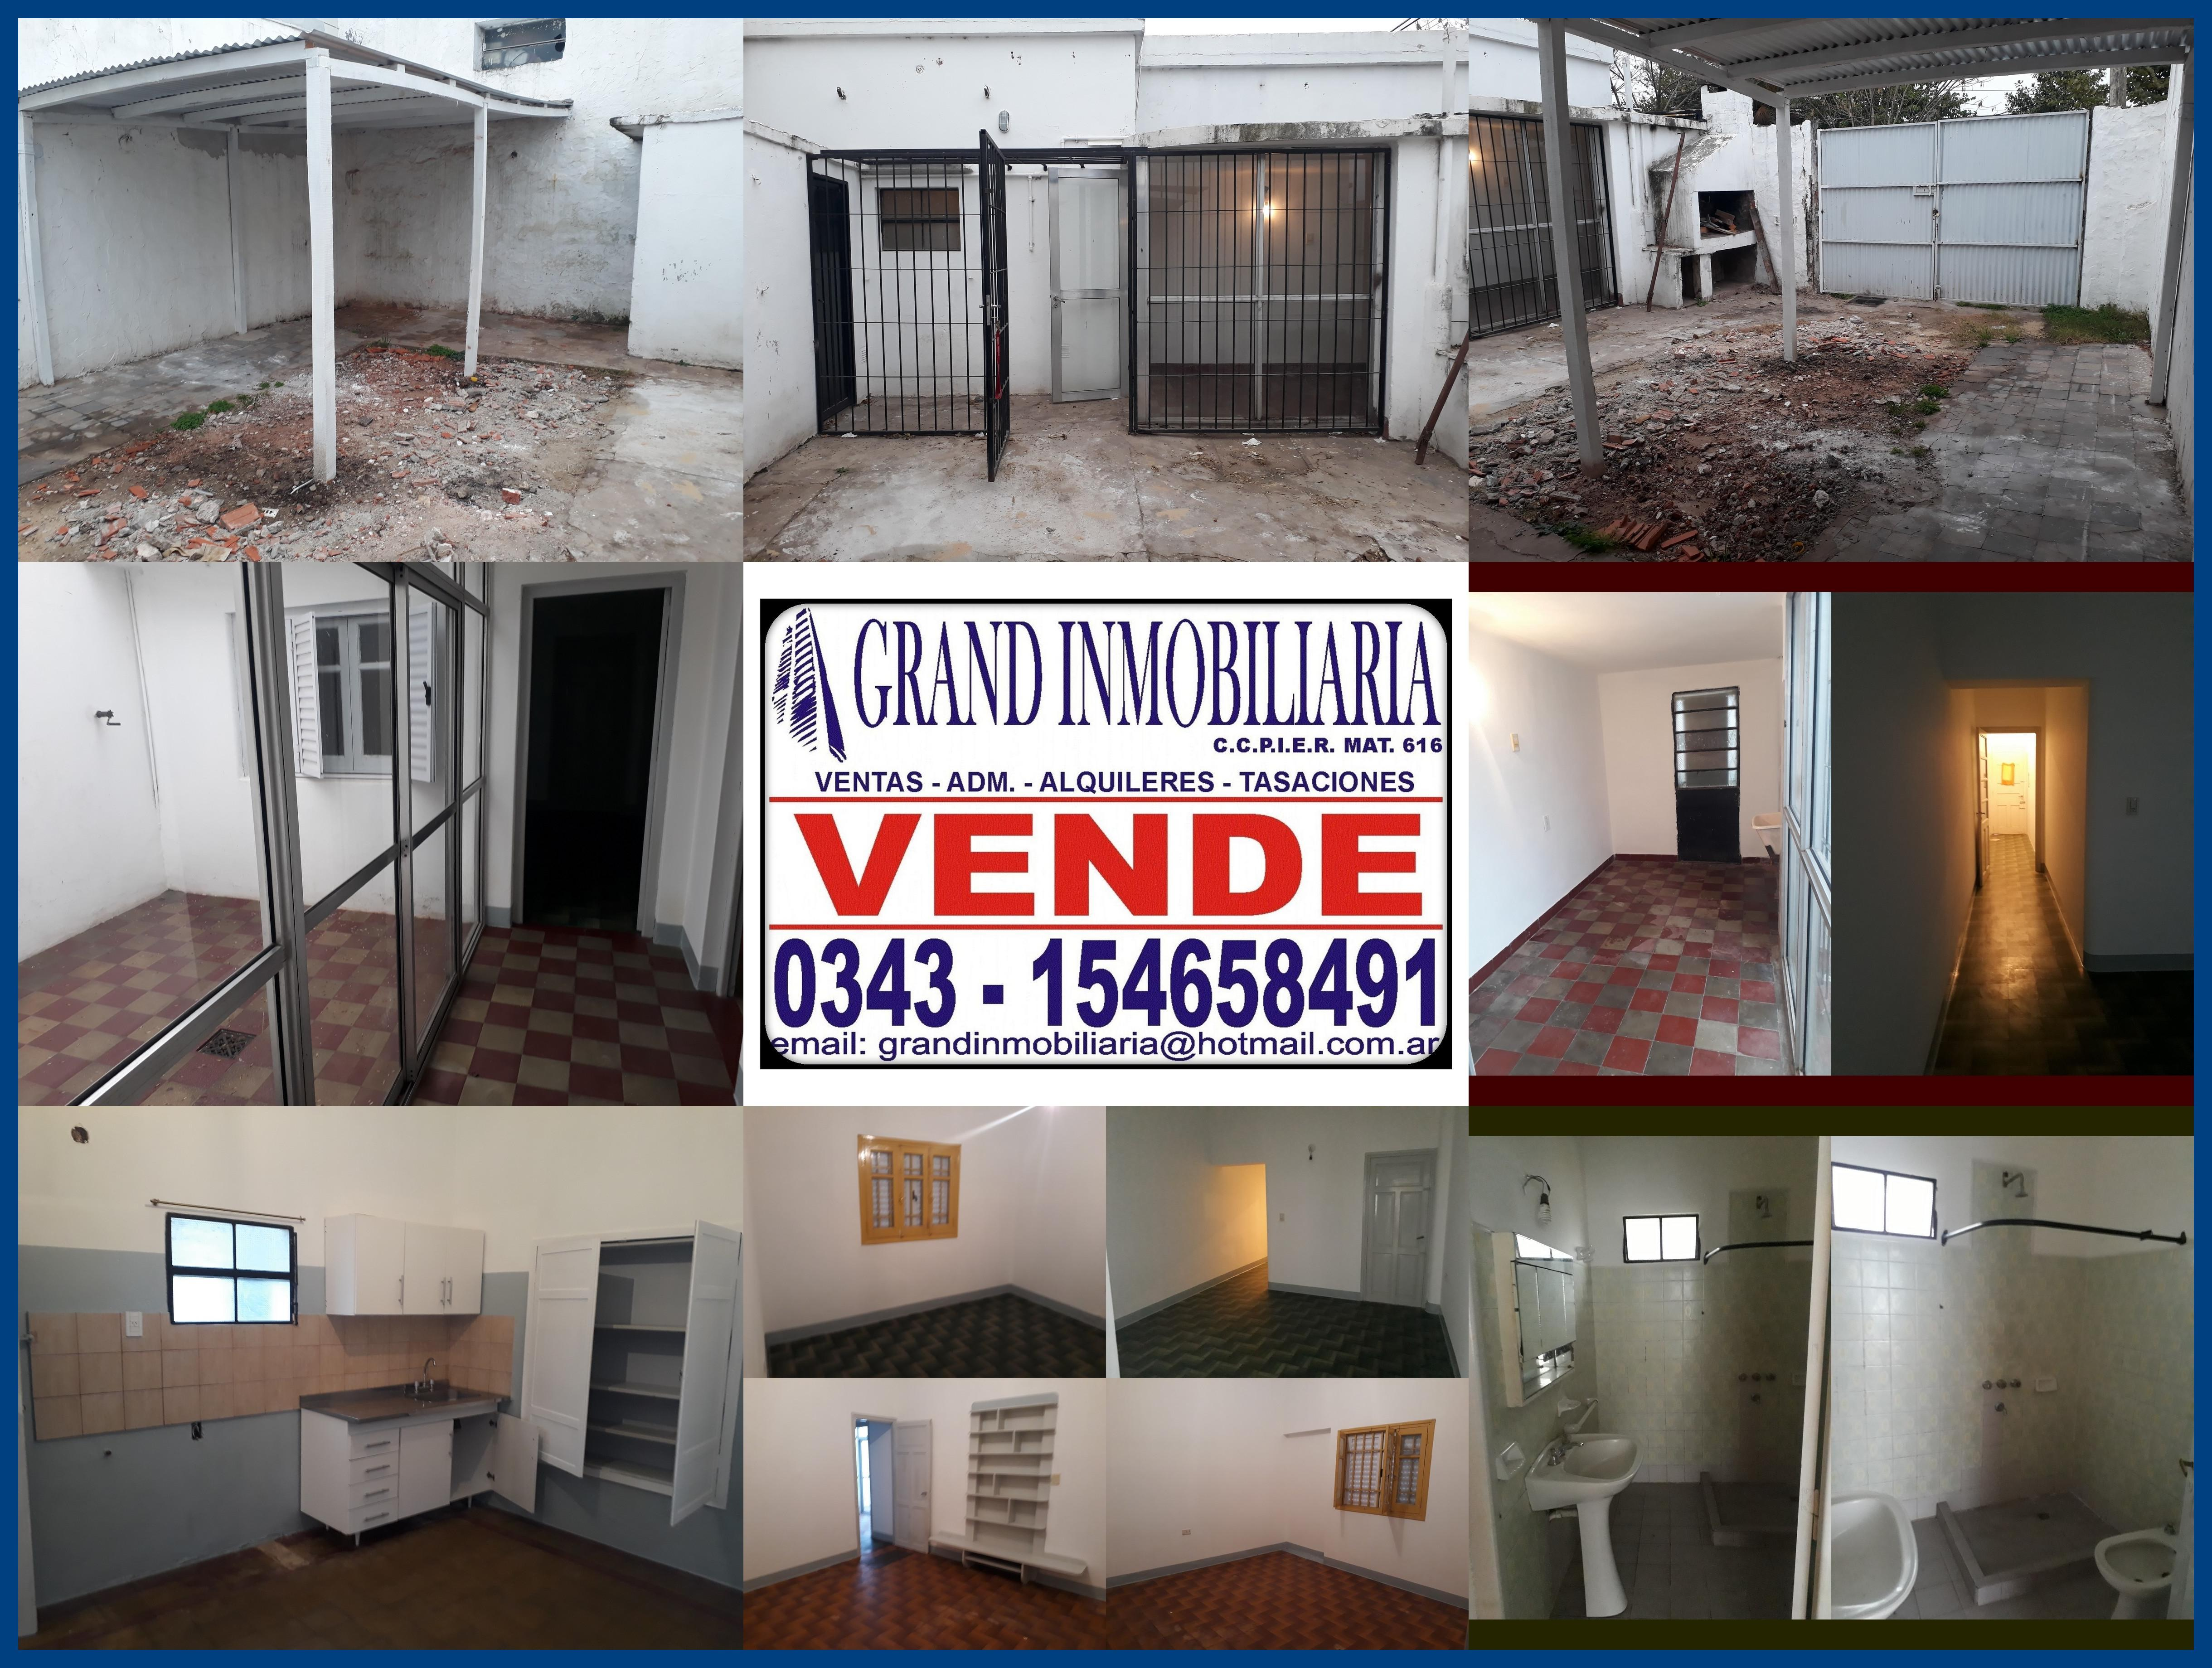 VENDO Casa alquilada con local 2 Dormitorios - Zona Blvd. Racedo